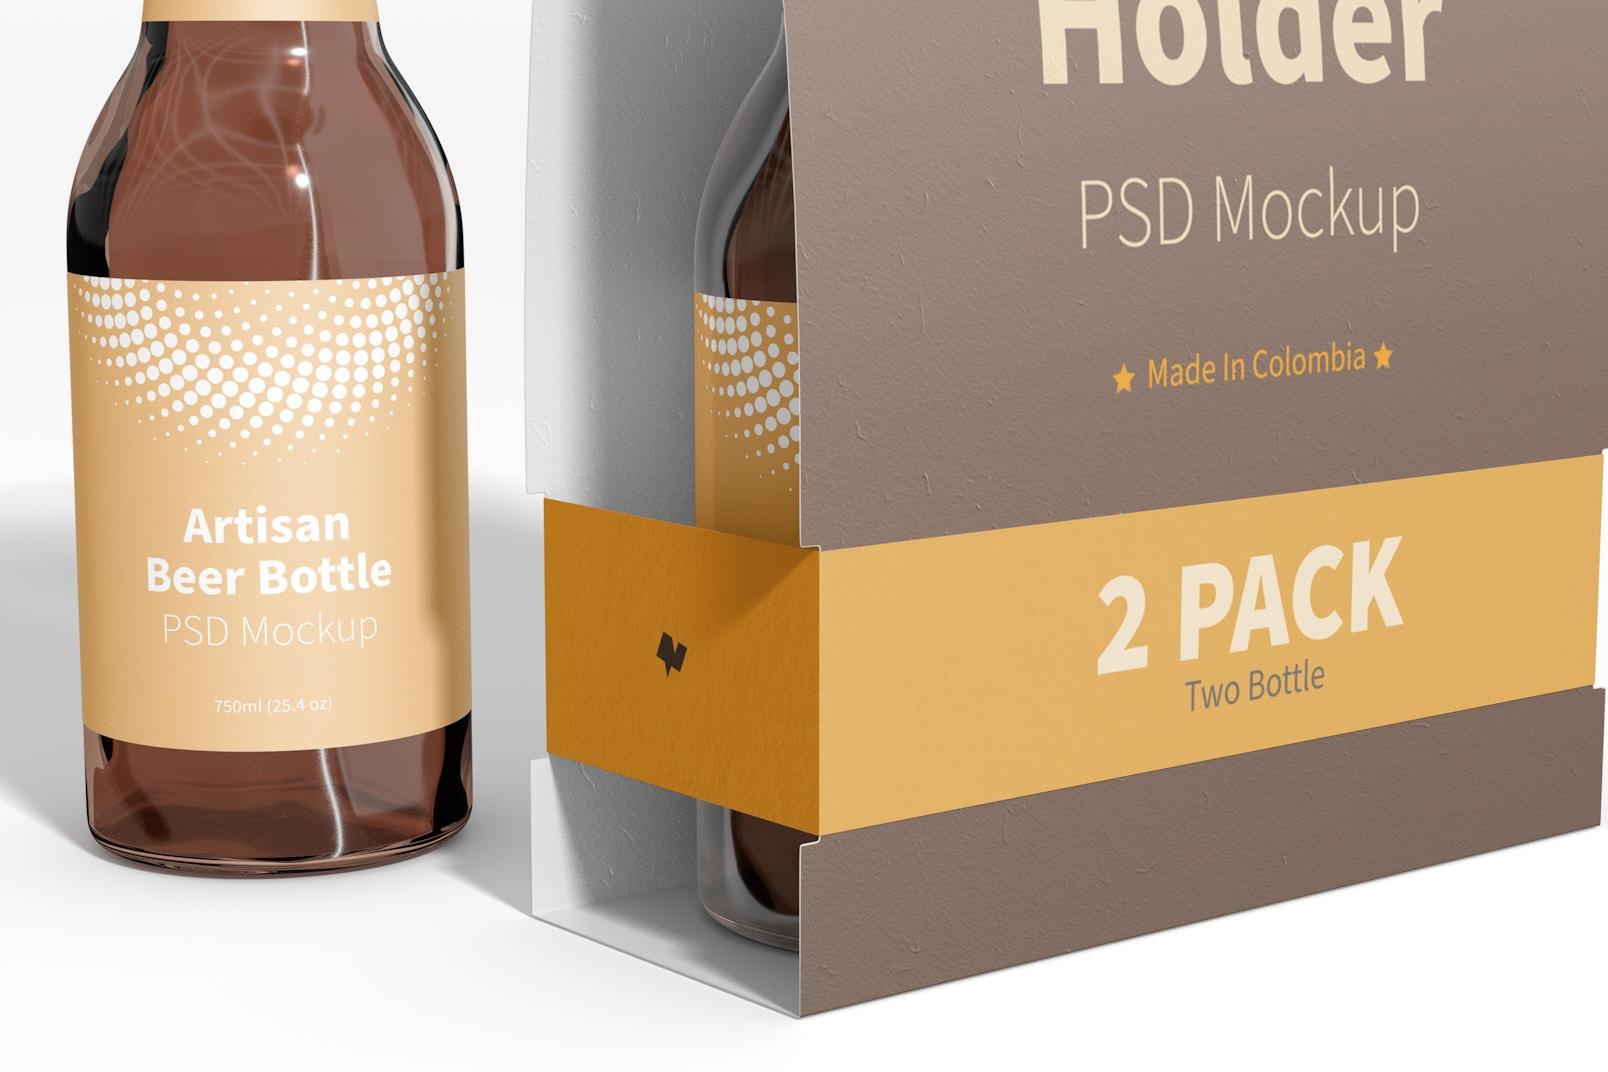 2 Pack Paper Bottle Holder Mockup, Close-Up